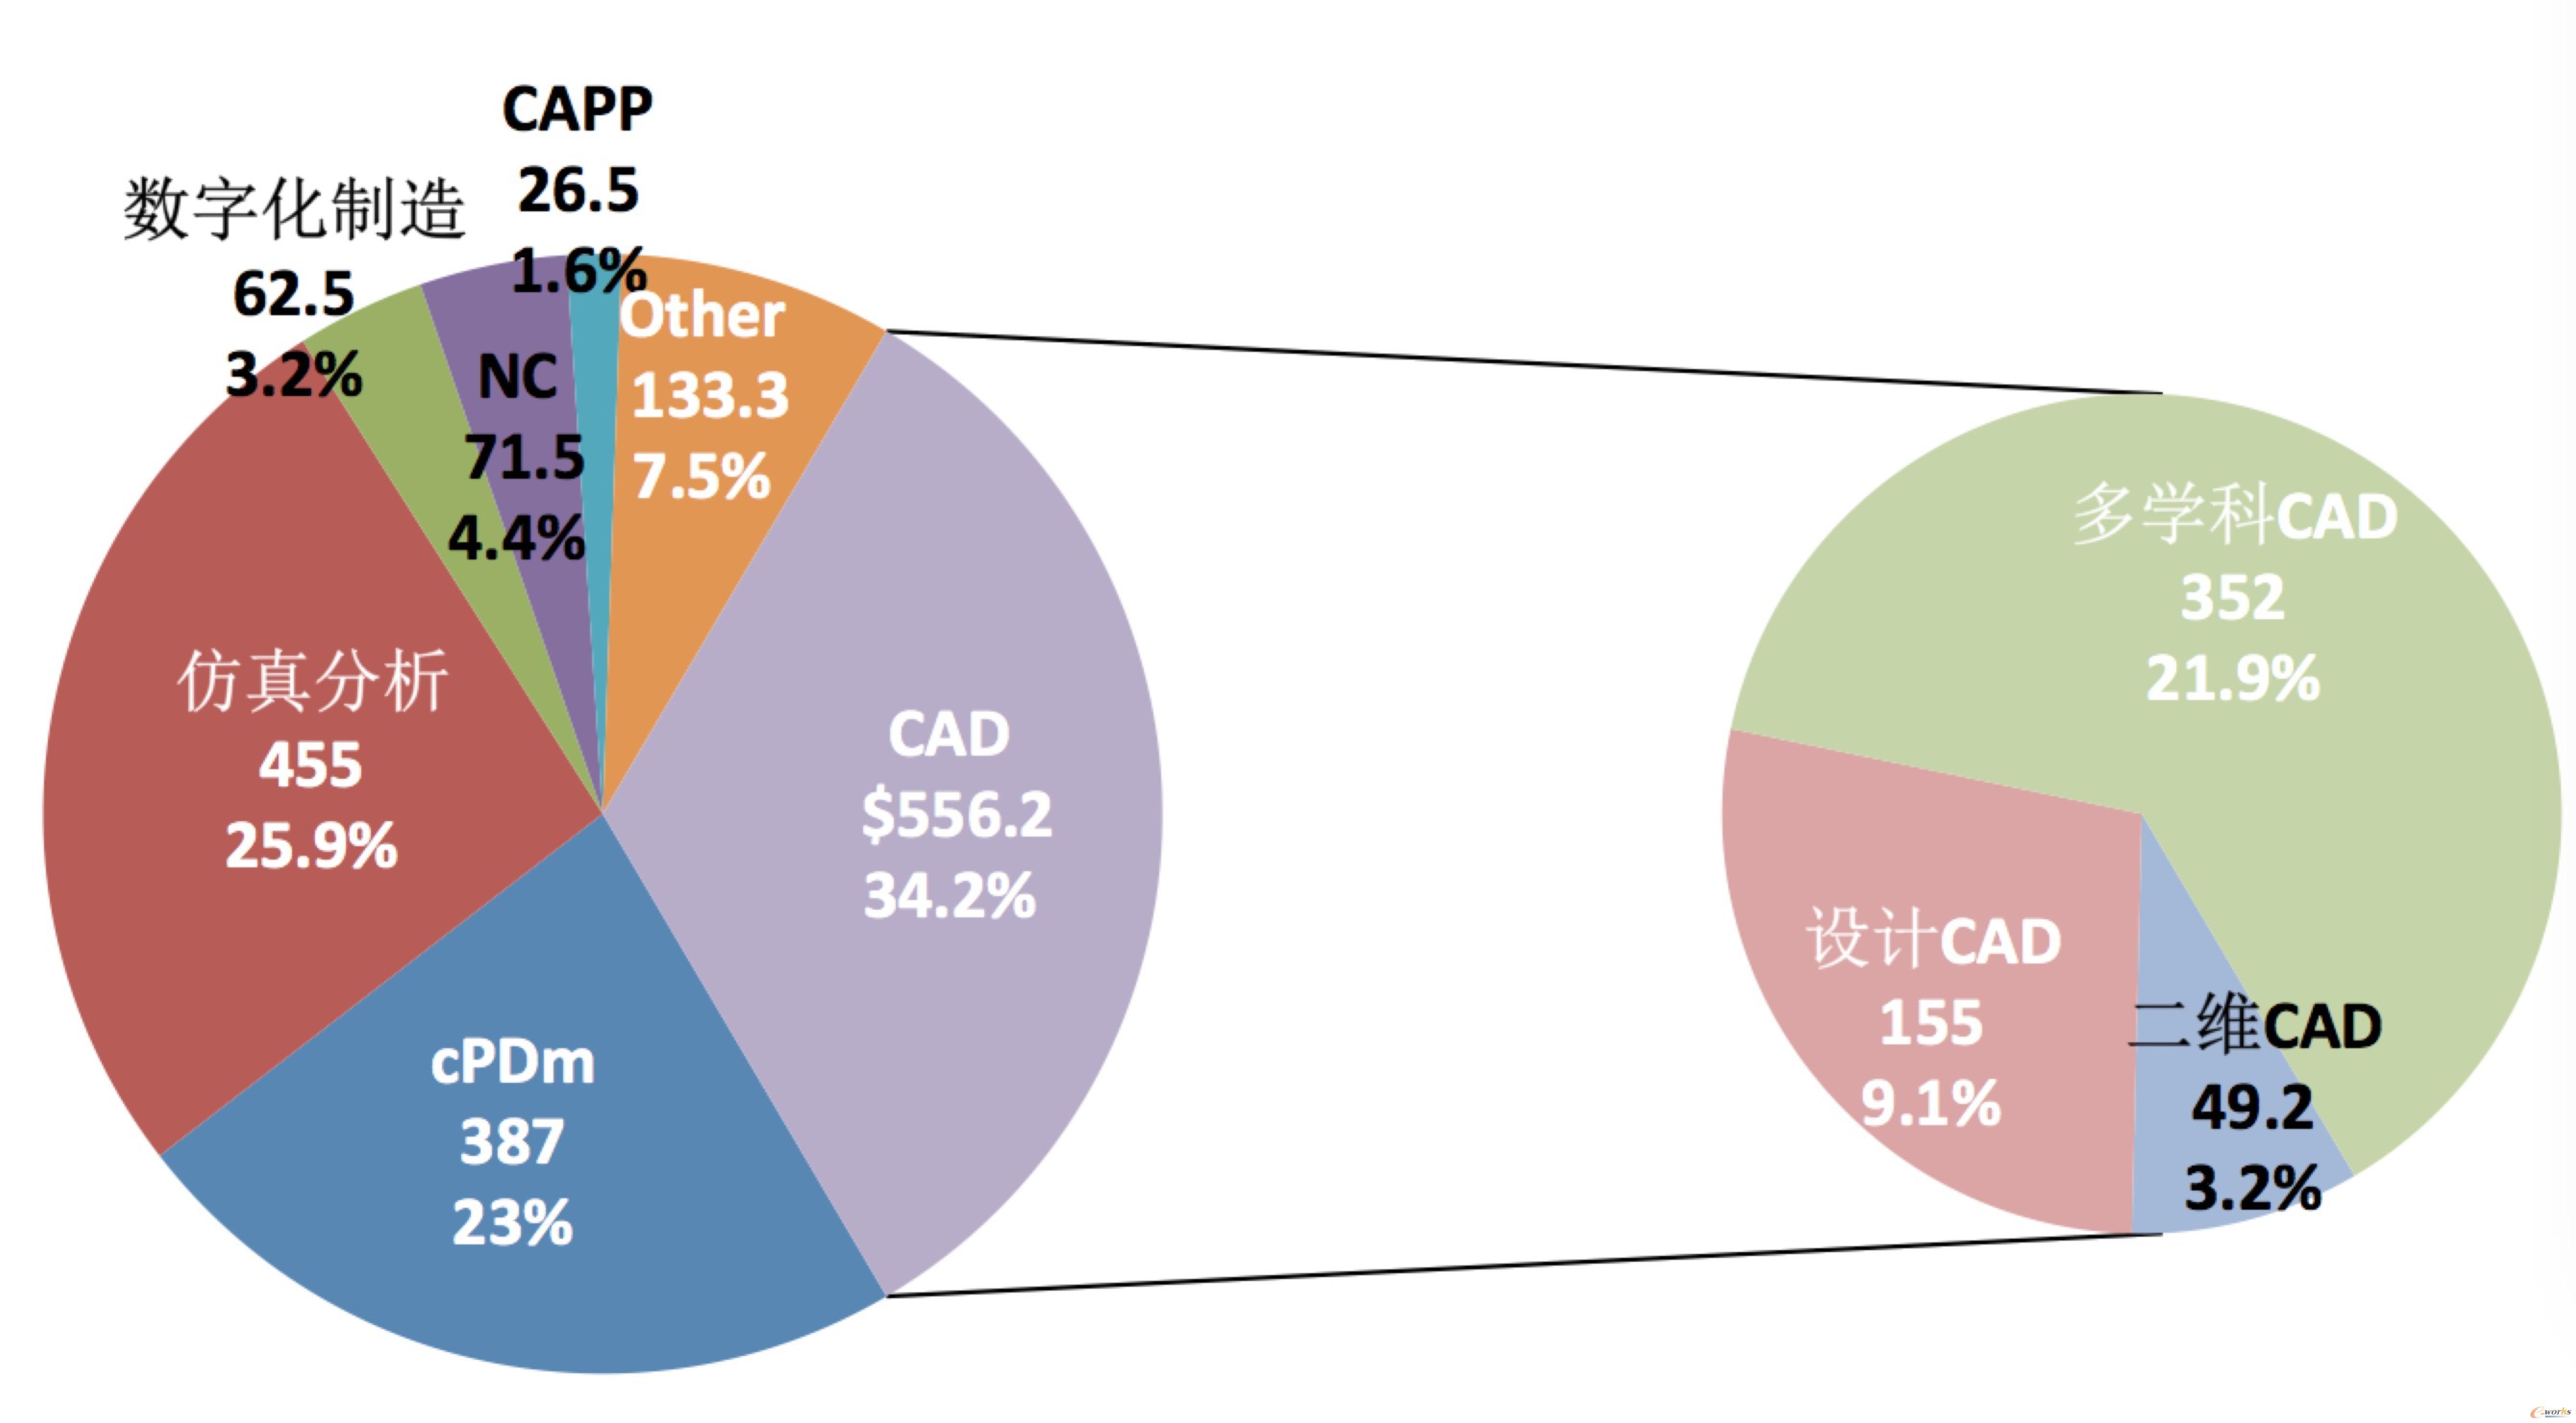 2019年中国PLM市场发展情况